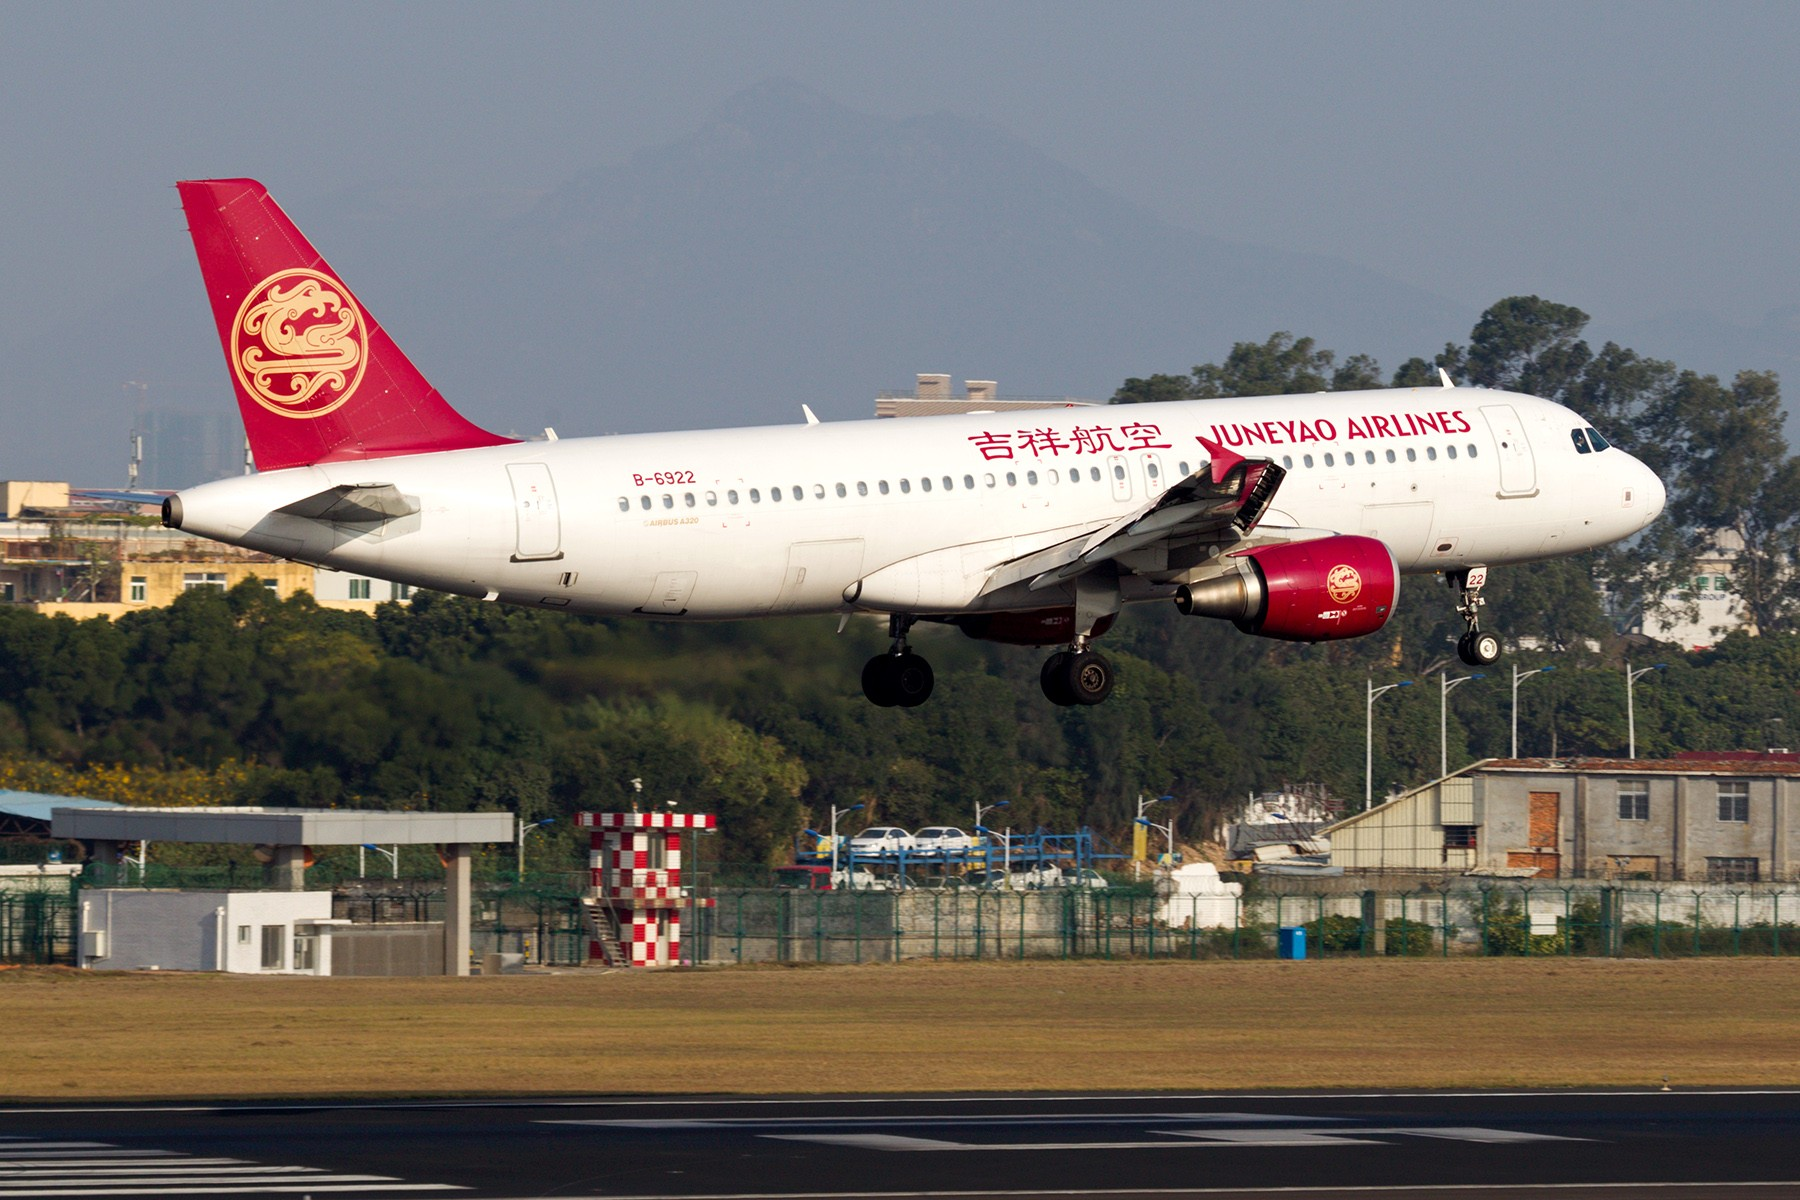 Re:[原创]【BLDDQ】******有阳光、带地景,雾霾奈我何?****** AIRBUS A320-200 B-6922 中国厦门高崎国际机场